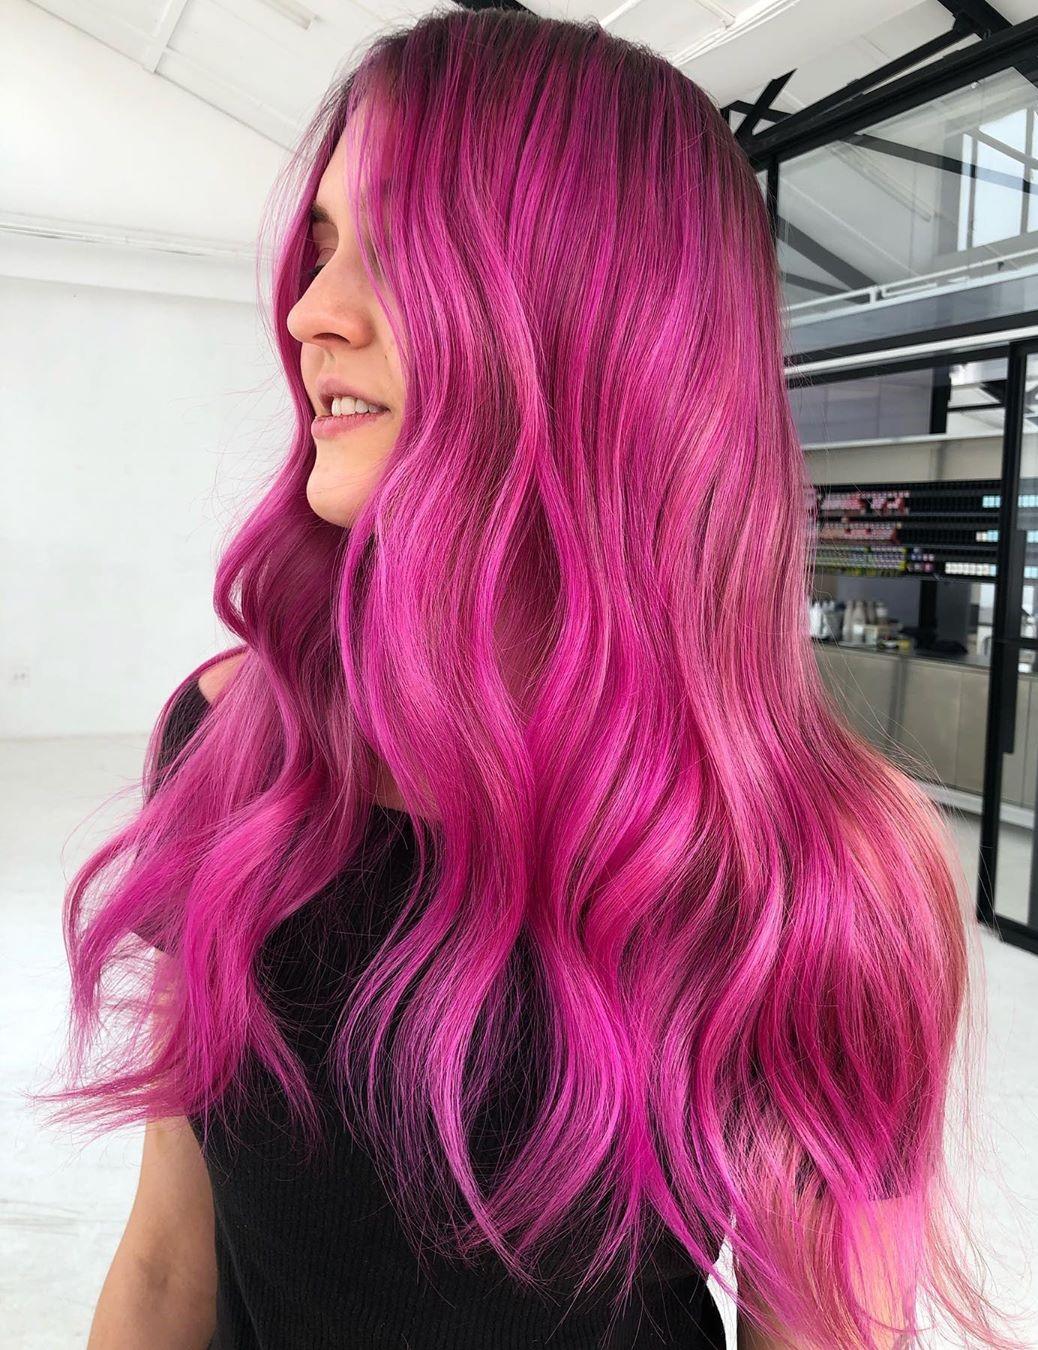 Long Bright Pink Balayage Hair